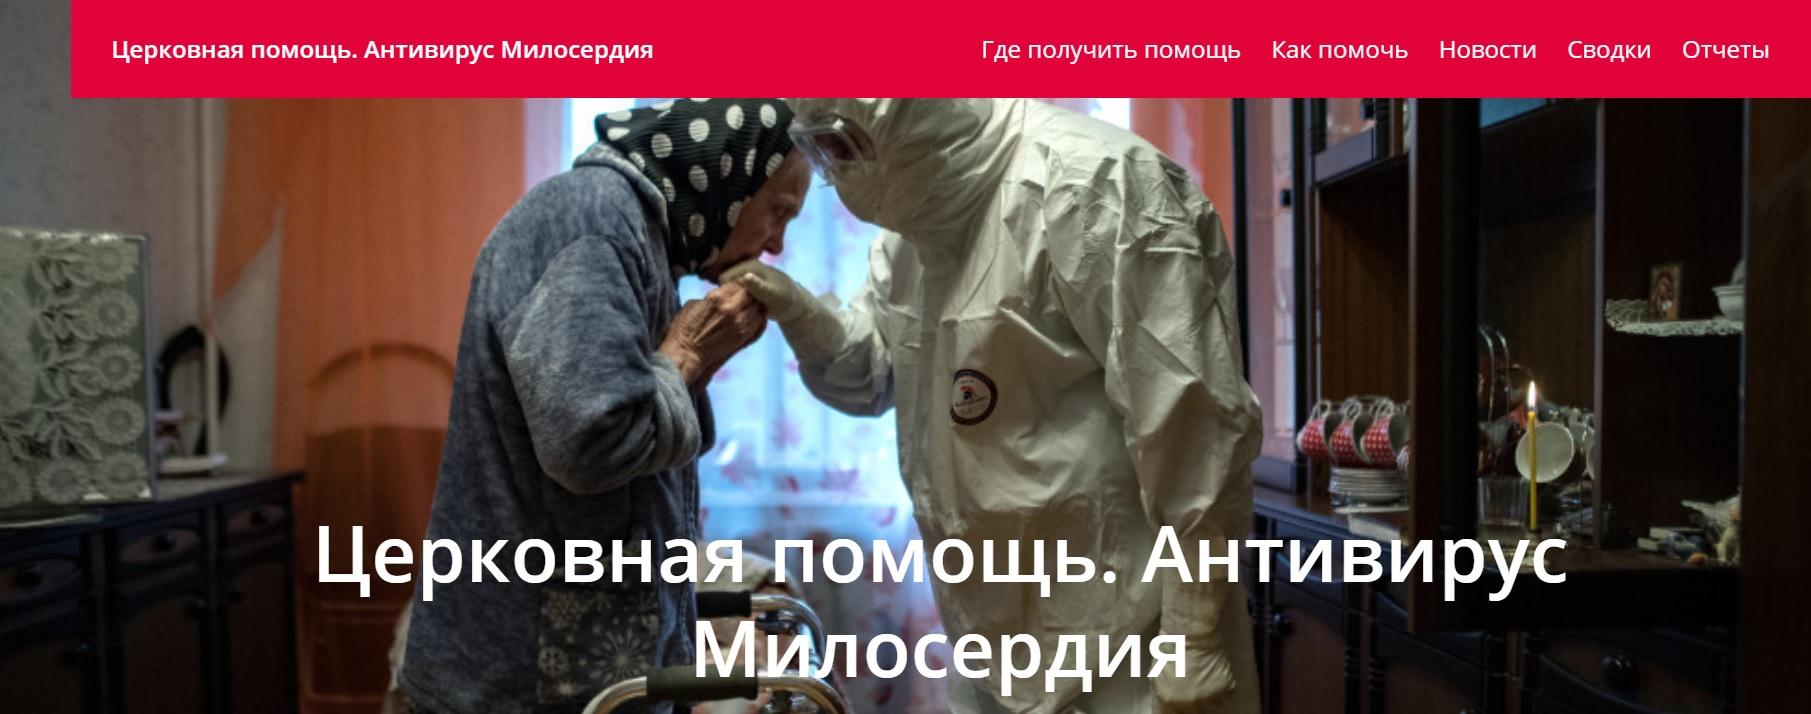 В Церкви открыли социальный портал в поддержку пострадавших от пандемии